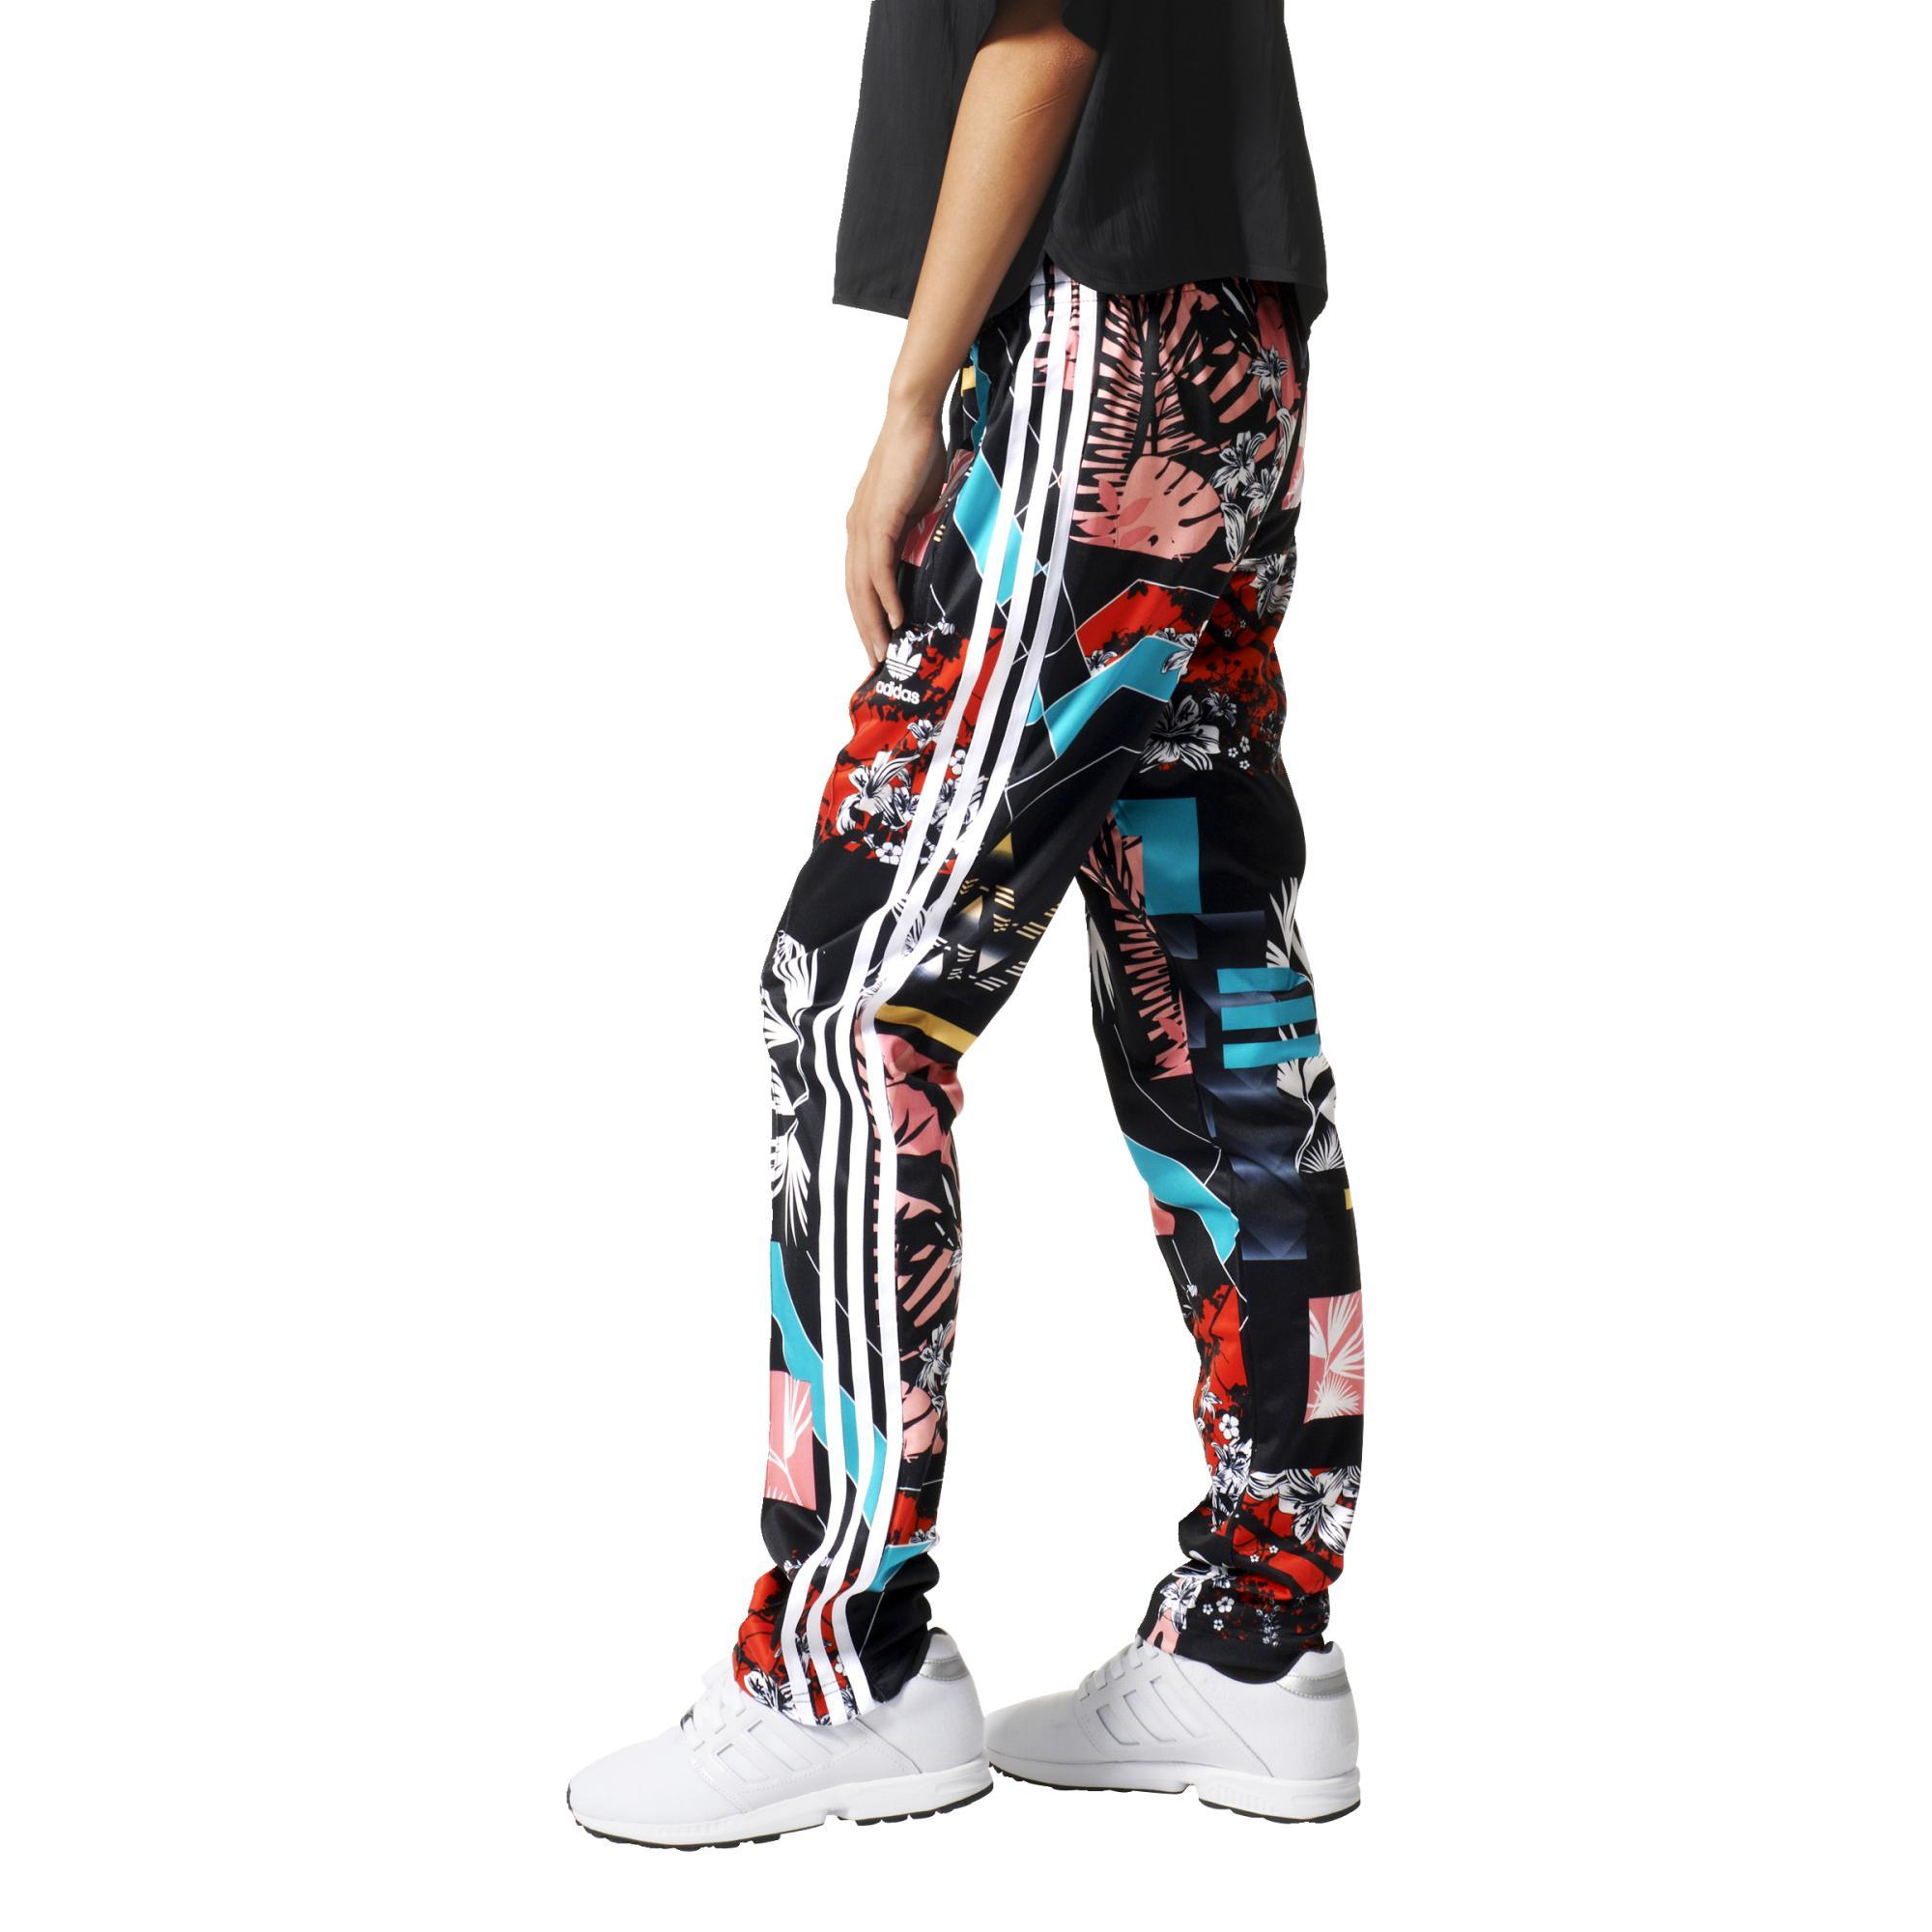 preparar giratorio Inspirar  Adidas Originals Mujer Pantalón Firebird Track